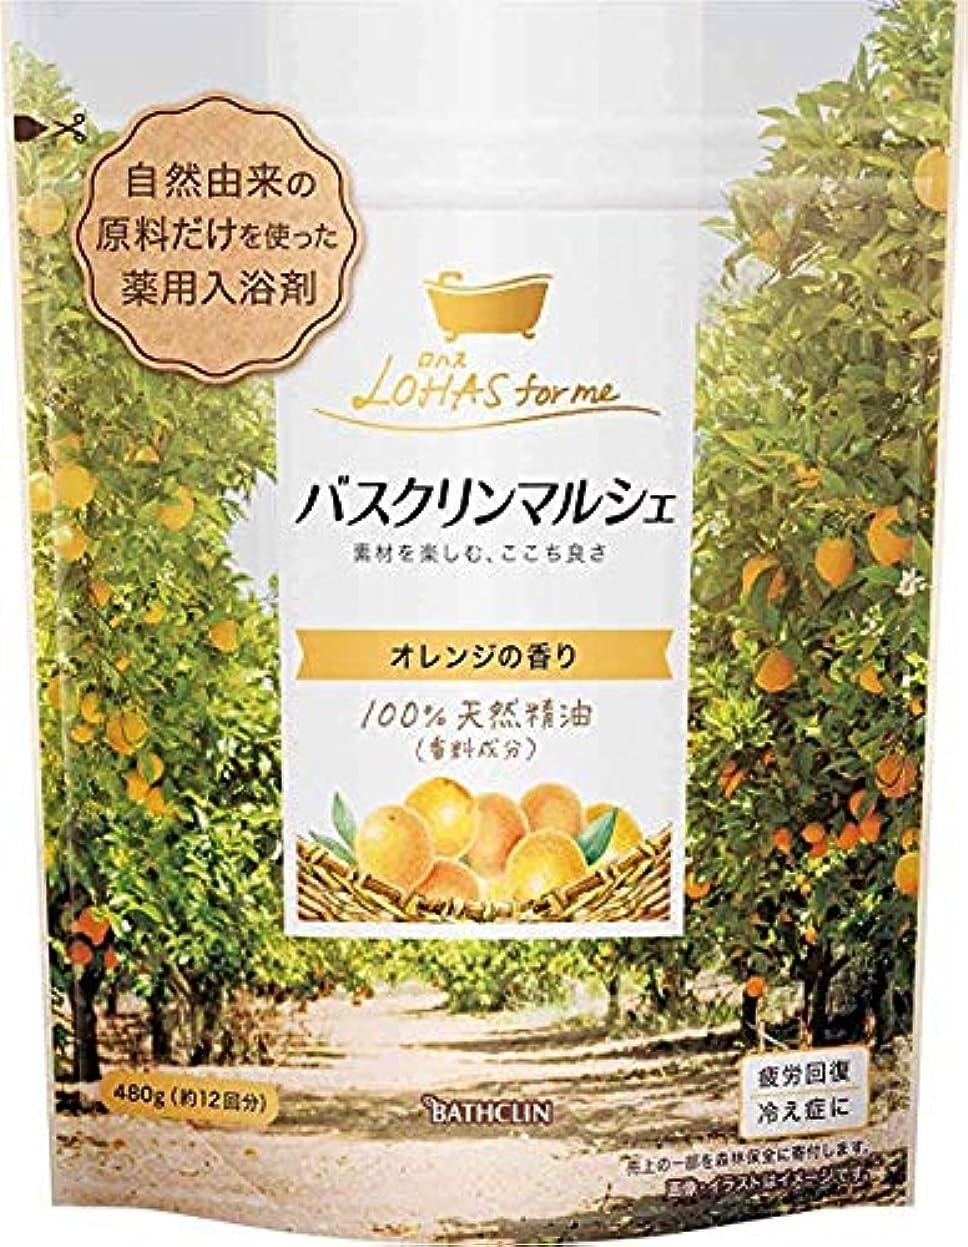 自然公園災害仲間【合成香料無添加/医薬部外品】バスクリンマルシェオレンジの香り480g入浴剤